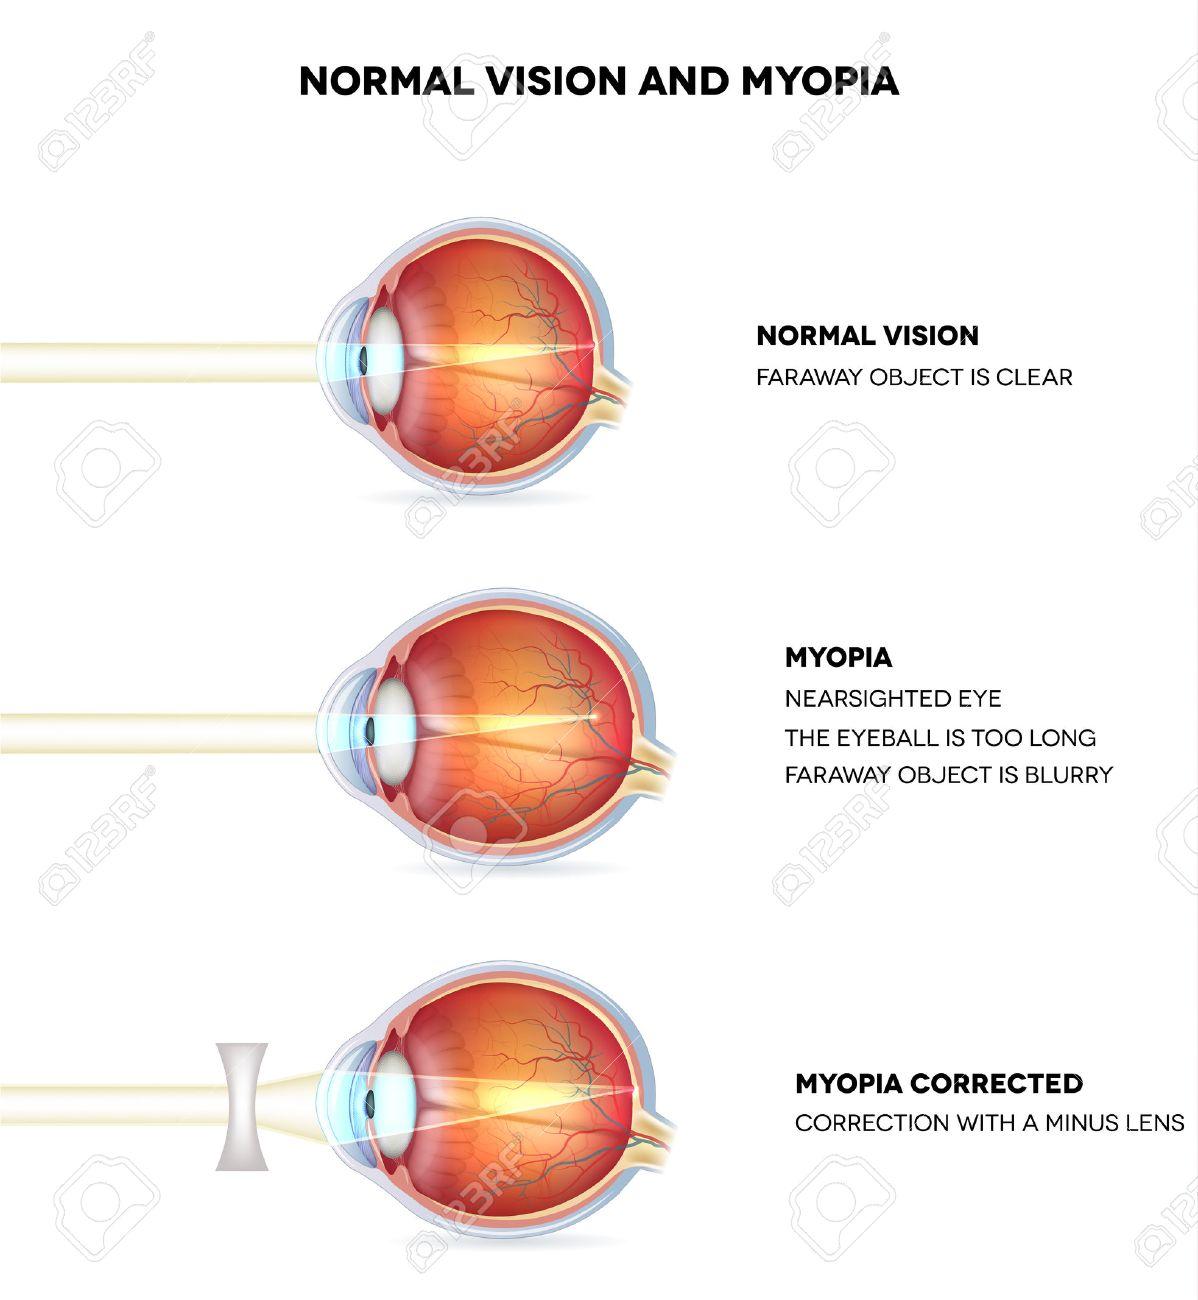 La Miopía Y La Visión Normal. La Miopía Se Está Miope. La Miopía ...